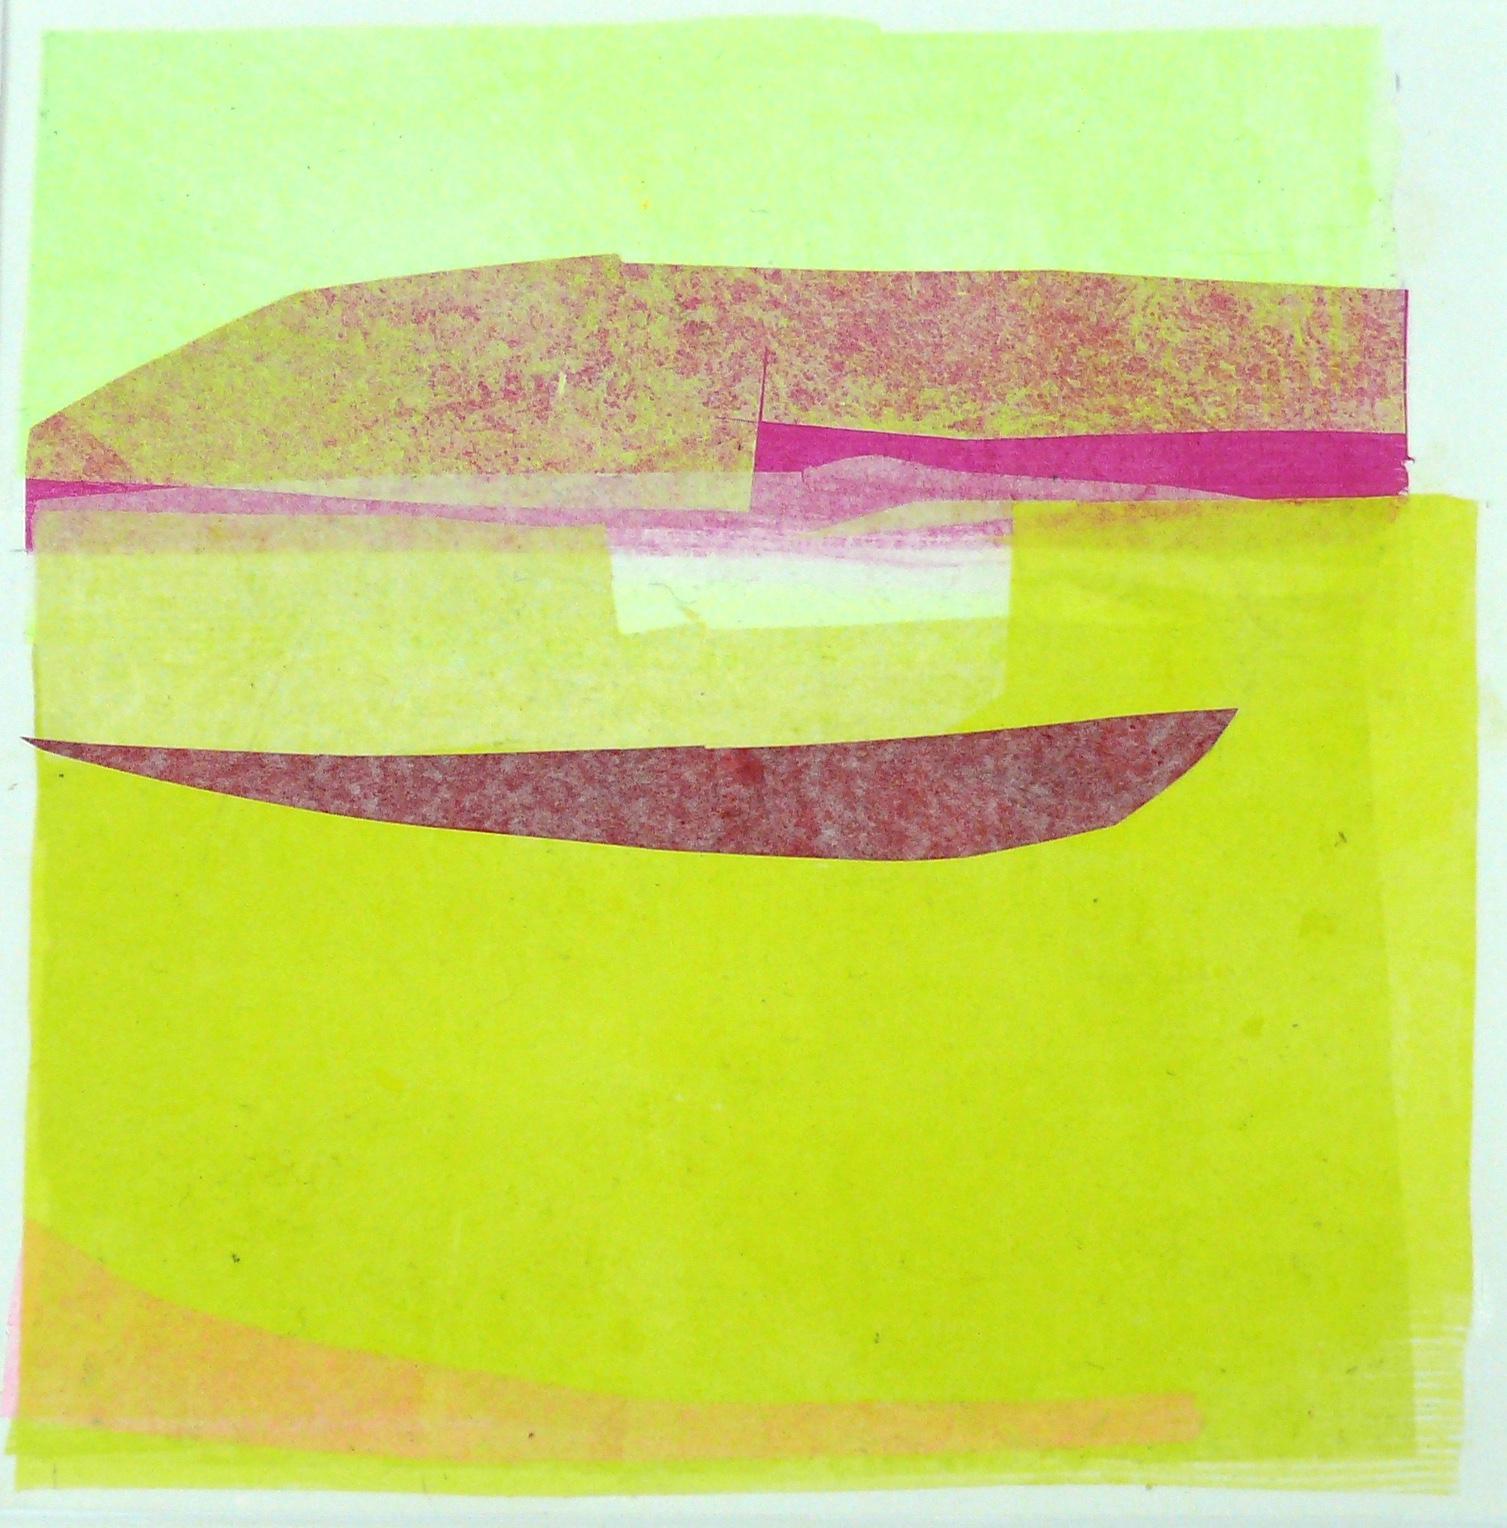 Papiercollage, 20 x 20 cm